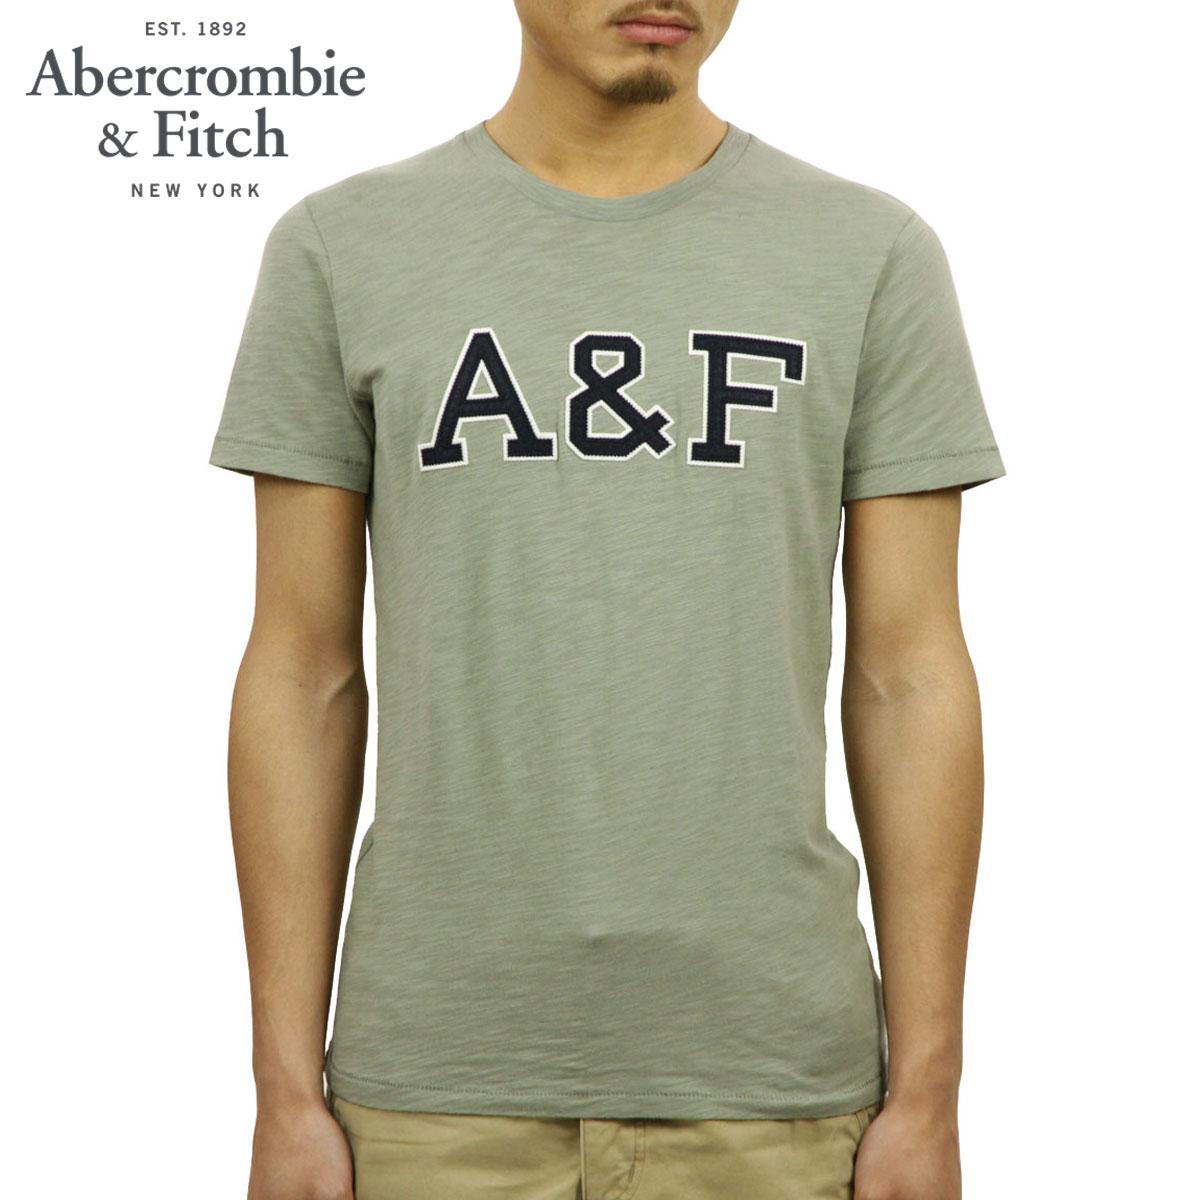 アバクロ Abercrombie&Fitch 正規品 メンズ クルーネック 半袖Tシャツ LOGO GRAPHIC TEE 123-238-2346-302